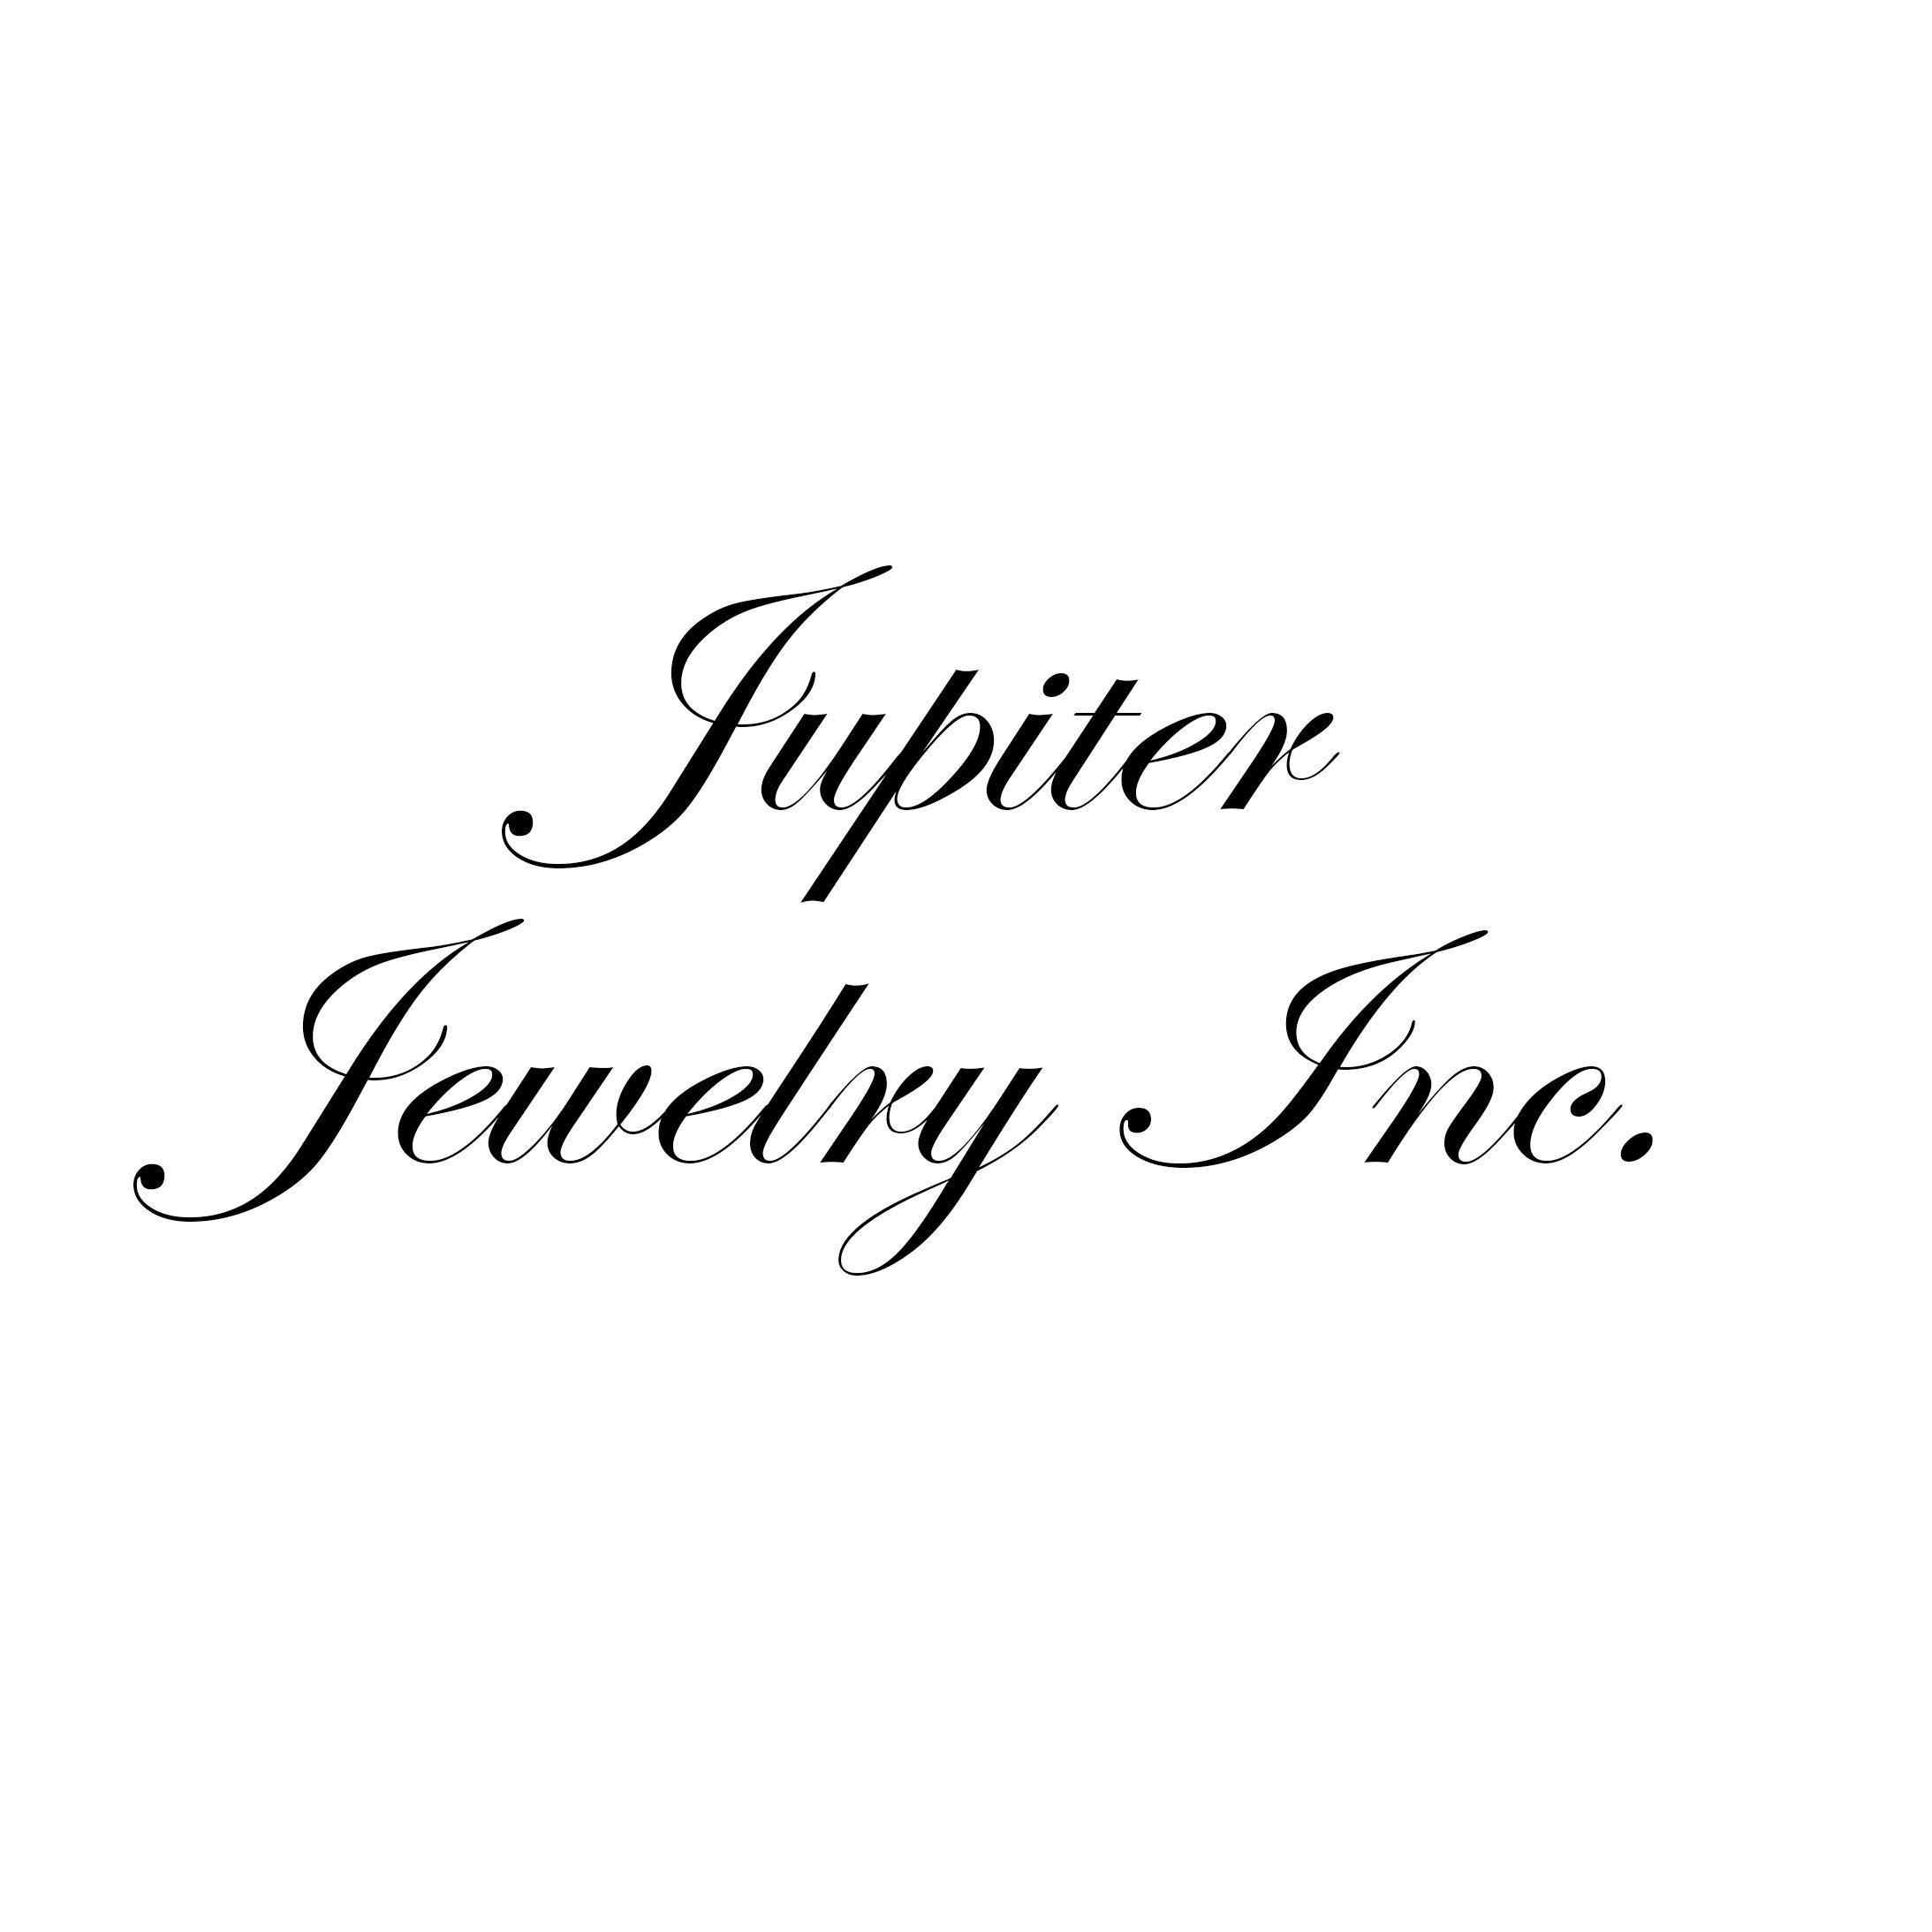 Jupiter Jewelry Inc image 5